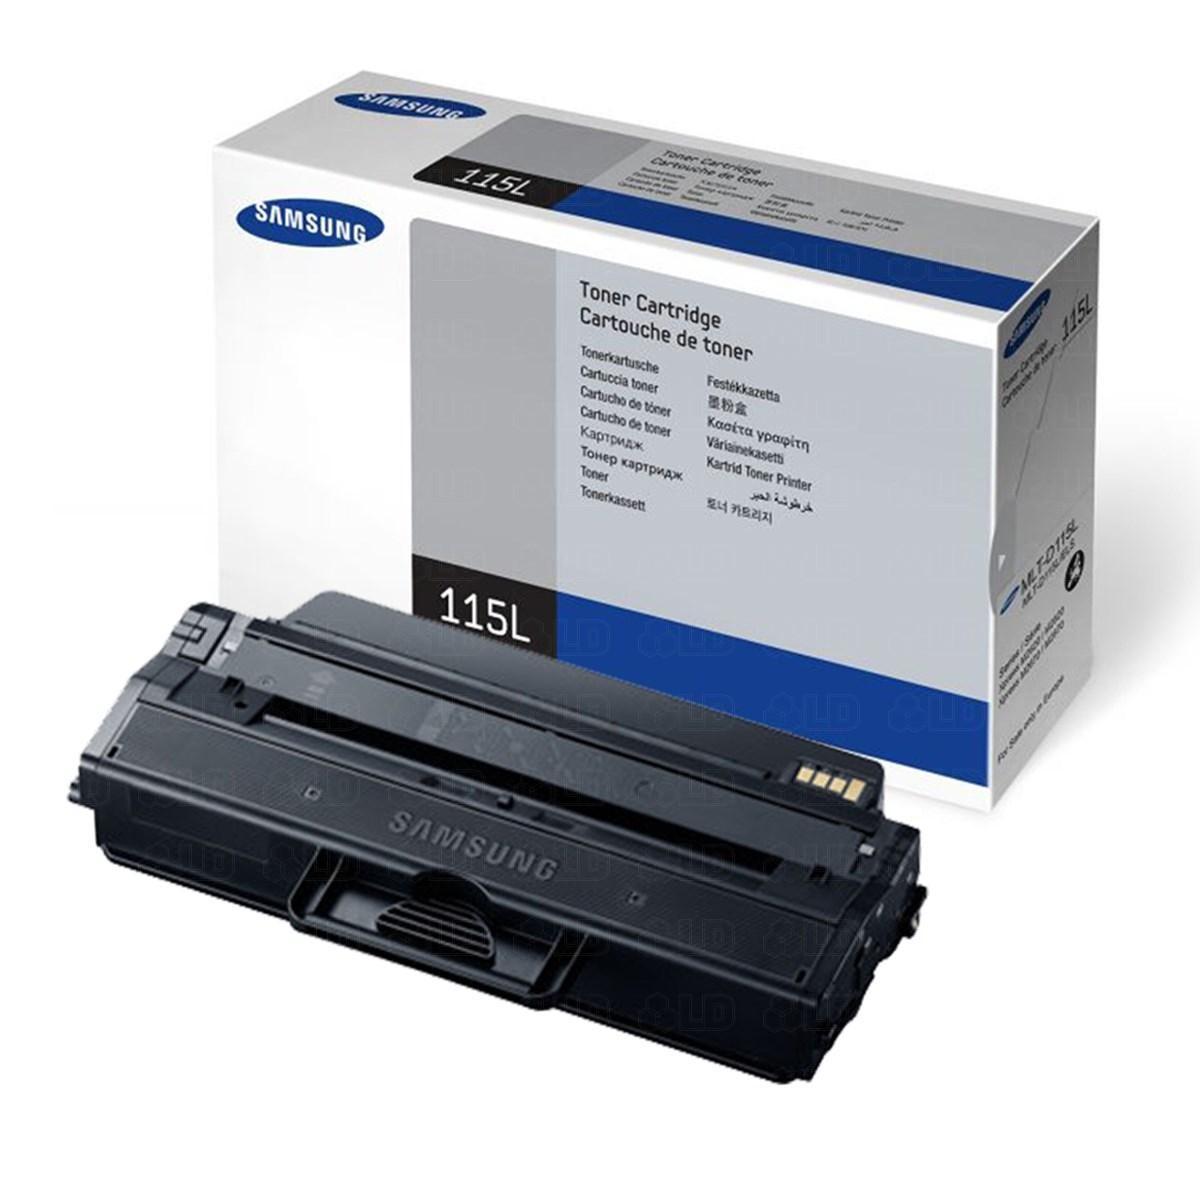 Samsung 115L (MLT-D115L) Toner Cartridges and Toner Refills